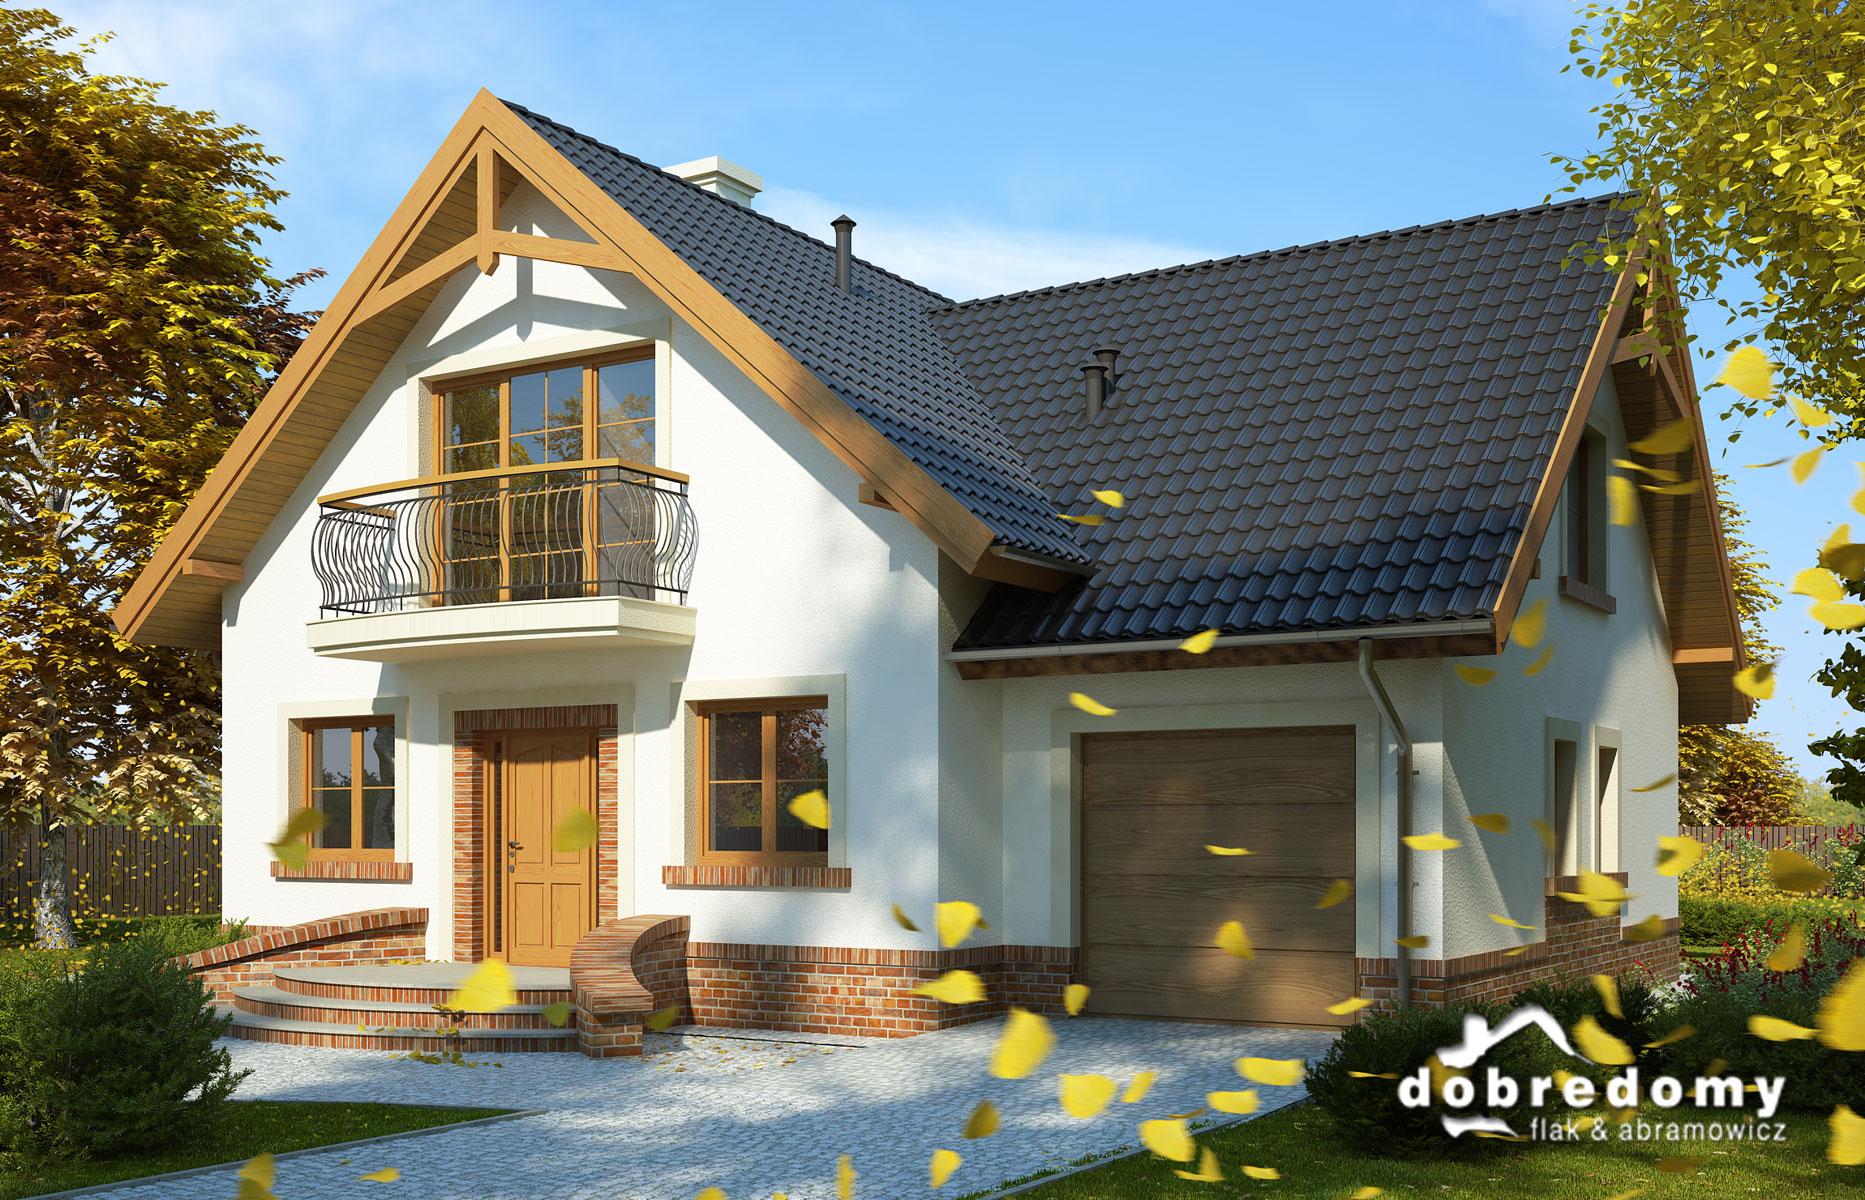 10 rad, jak niedrogo wybudować dom